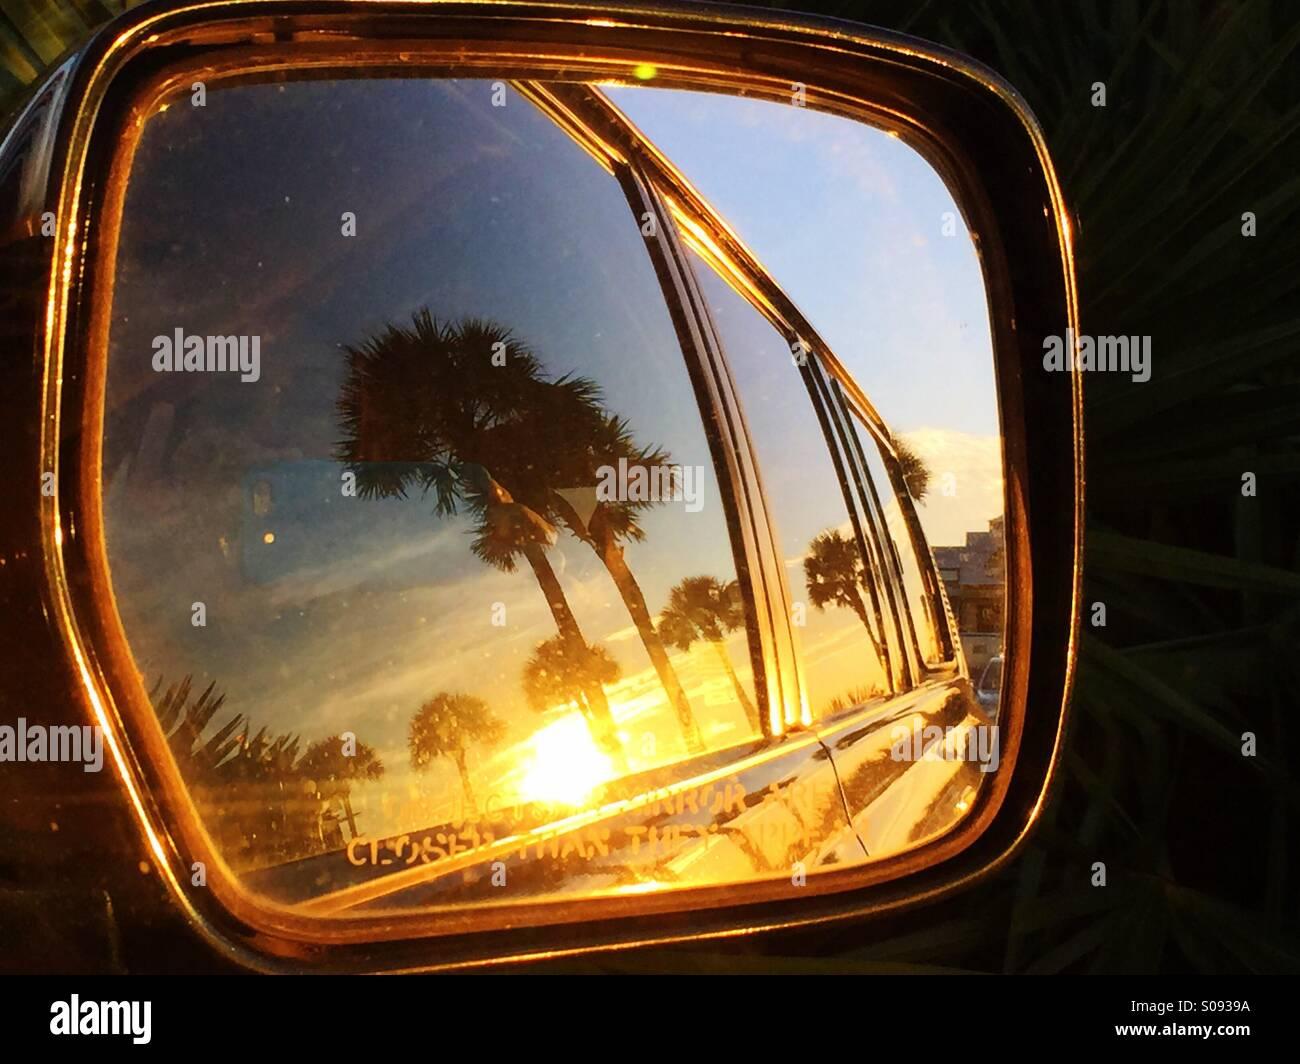 Palmetto Bäume werden in den Rückspiegel eines Autos bei Sonnenuntergang angesehen. Stockbild